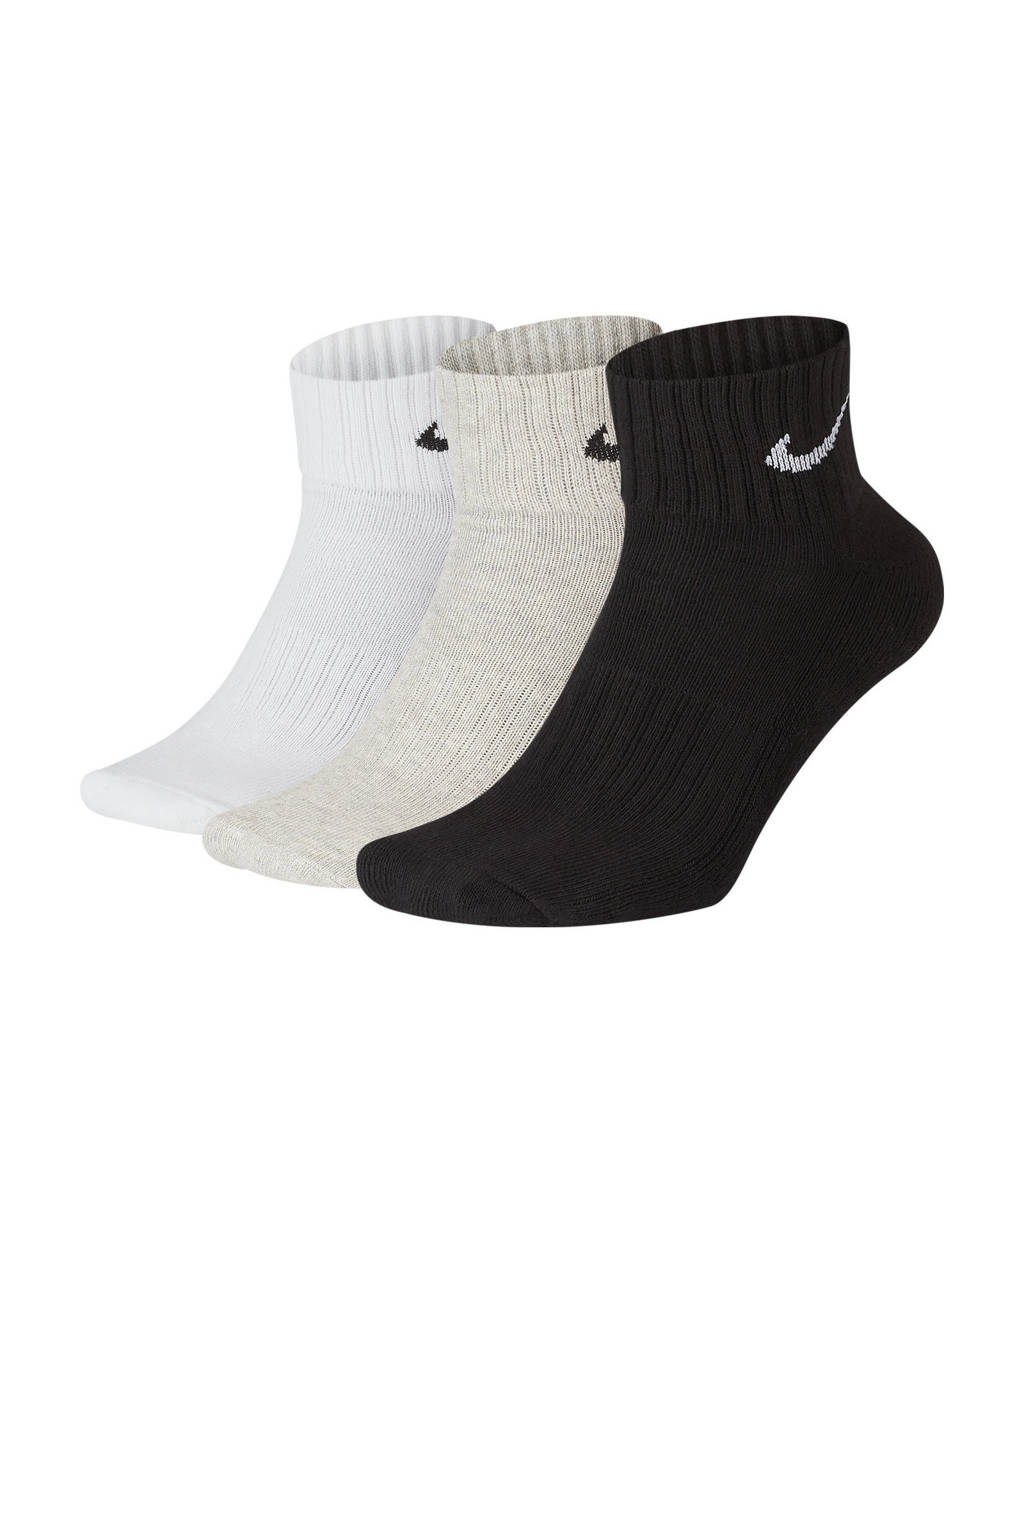 Nike   sportsokken - set van 3 zwart/beige/wit, Zwart/beige/wit